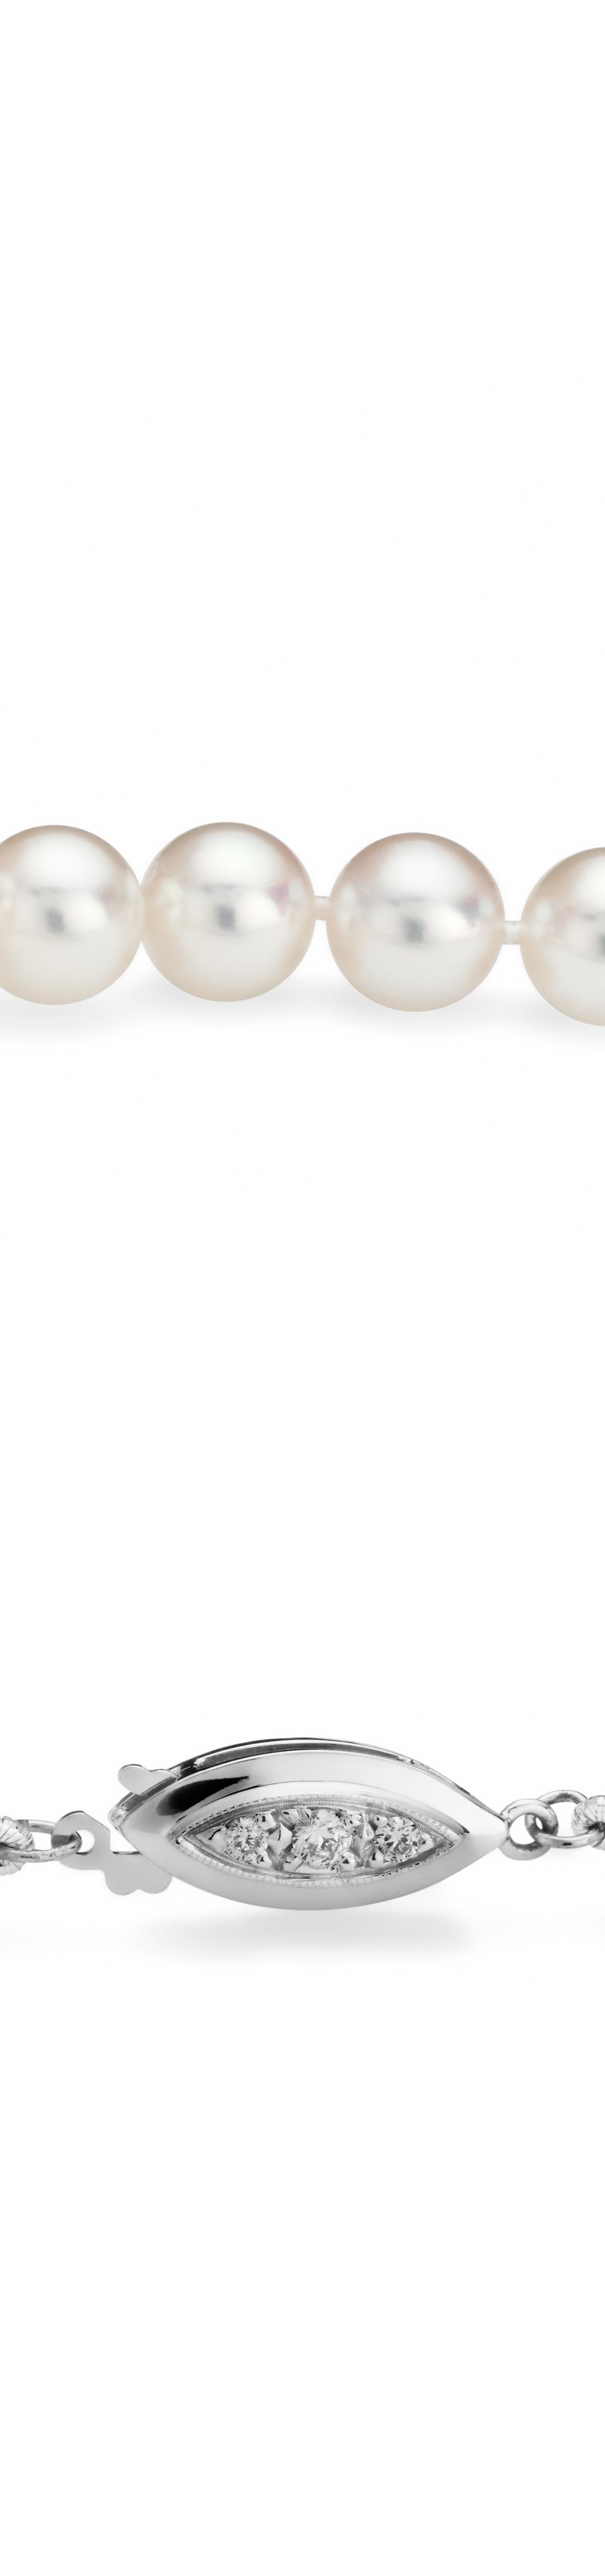 Collares de perlas de Akoya Premier con oro blanco de 18k